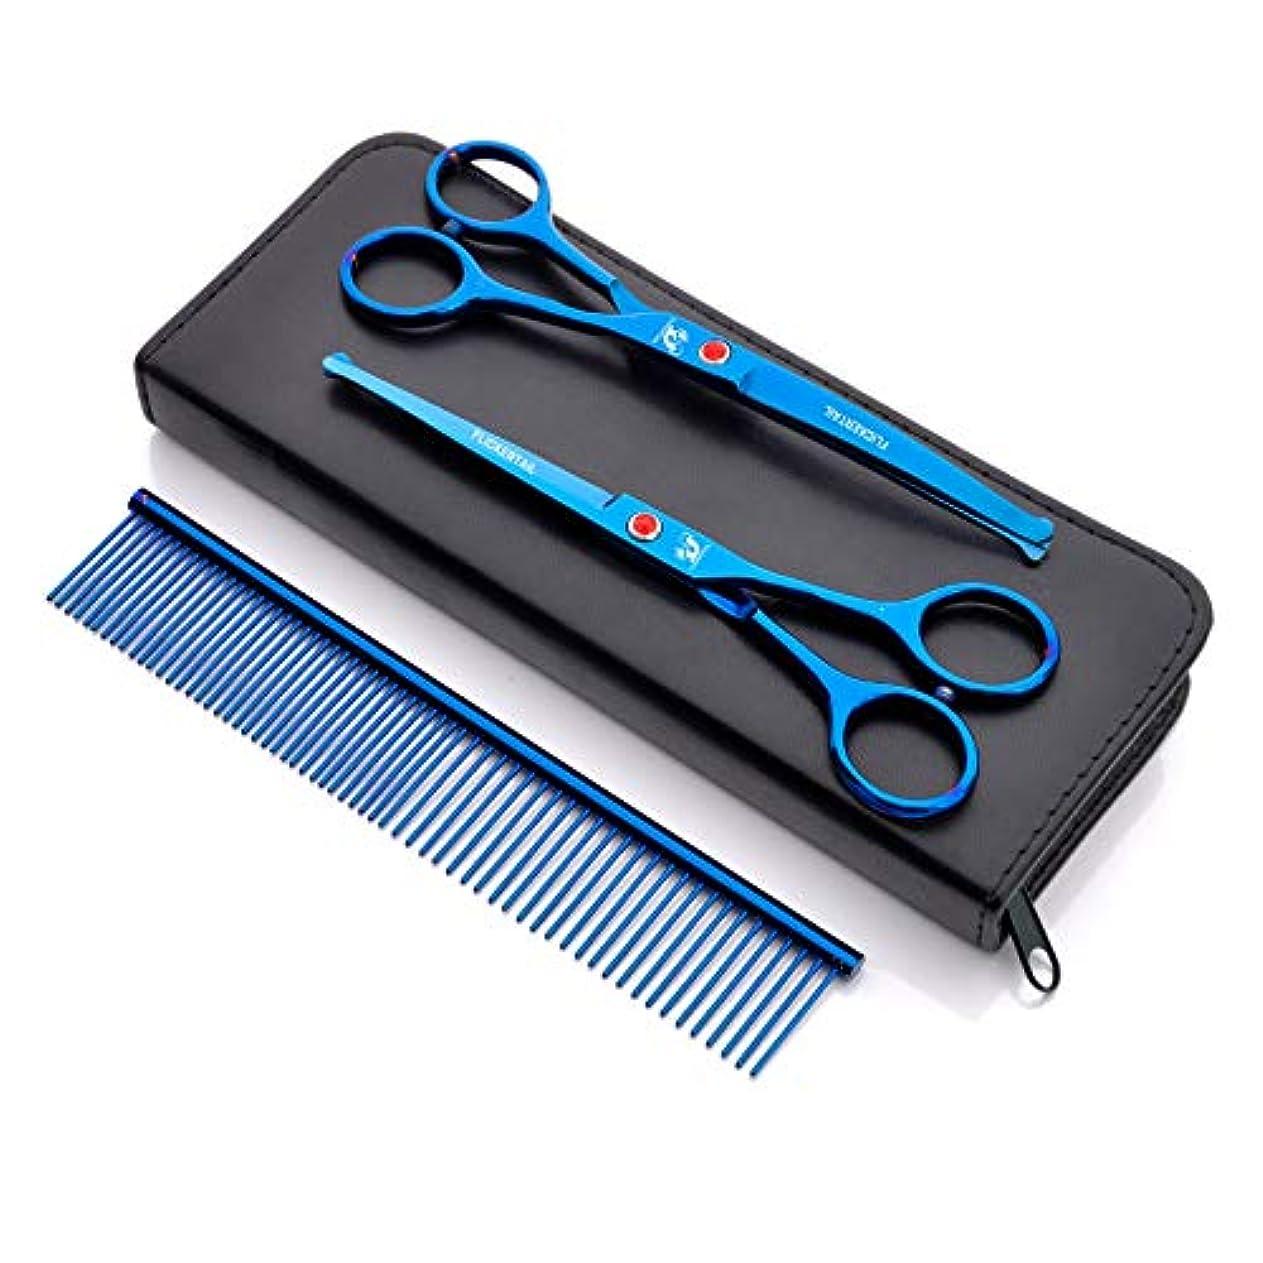 誘発するランク宣伝ラウンドヘッドペットの髪カットはさみ、プロのペットグルーミング精密安全はさみセット、ペットショップや個々のユーザーに適して,Blue